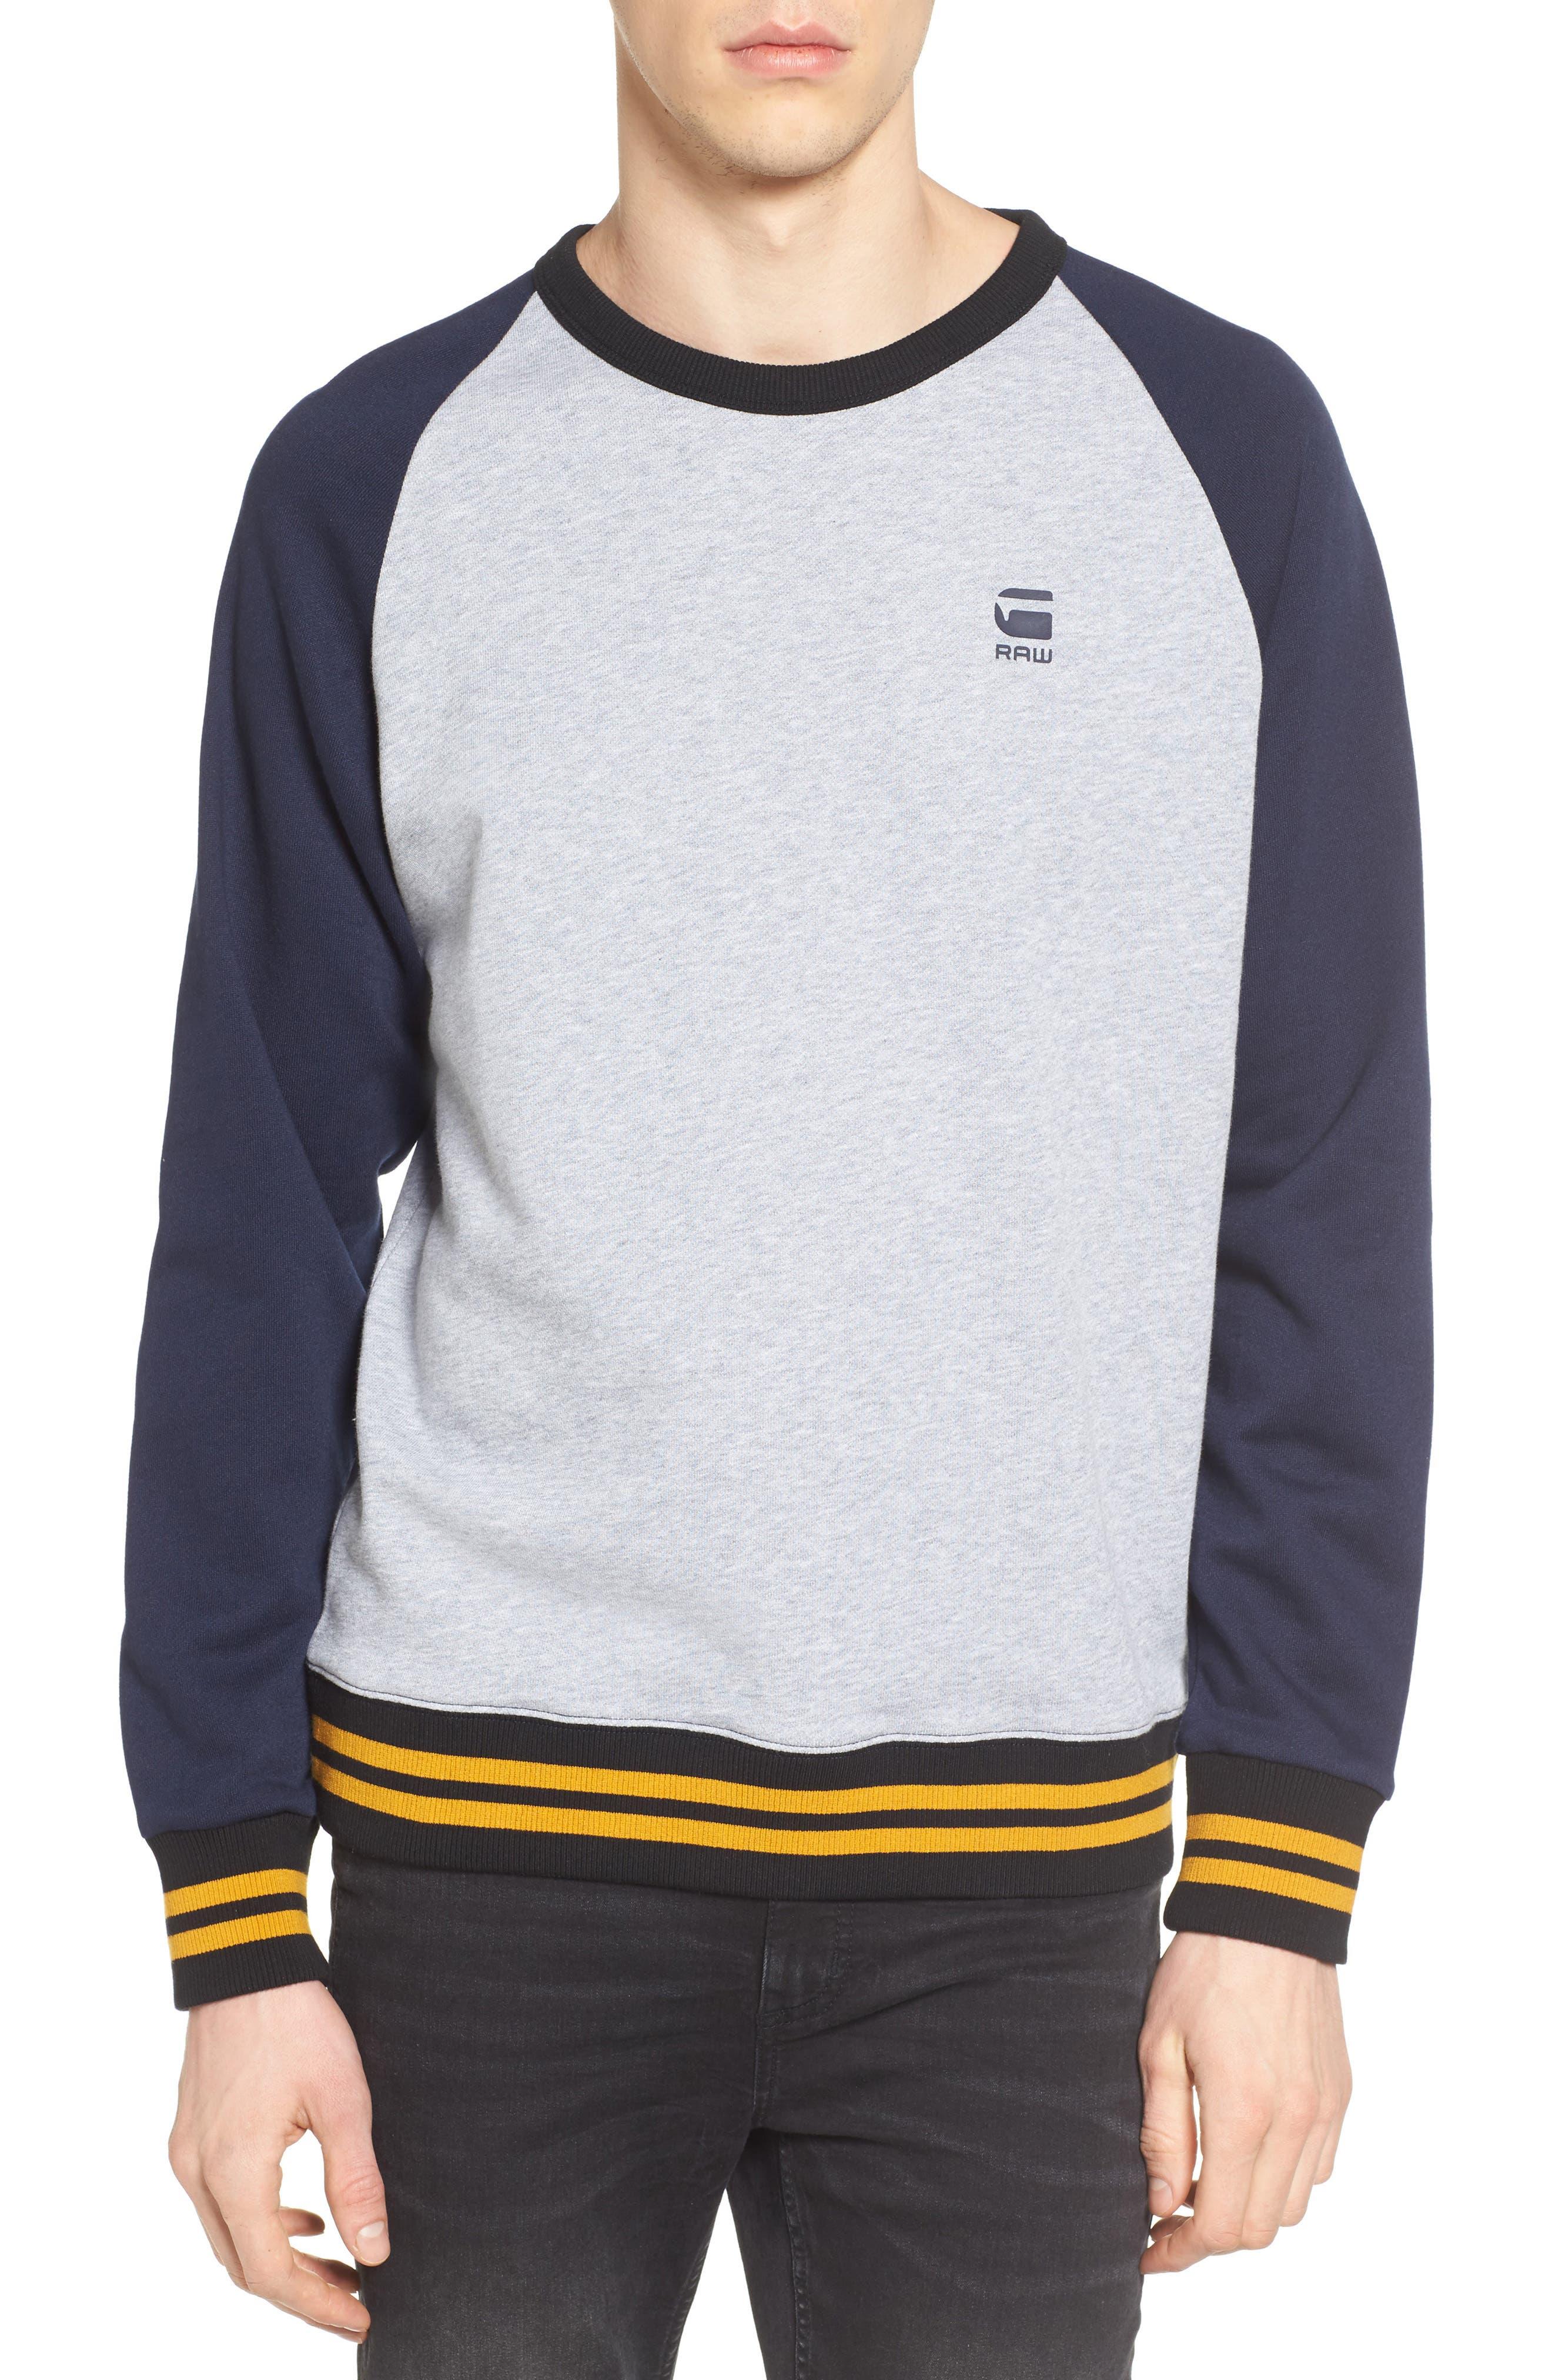 G-STAR RAW Malizo Varsity Sweatshirt